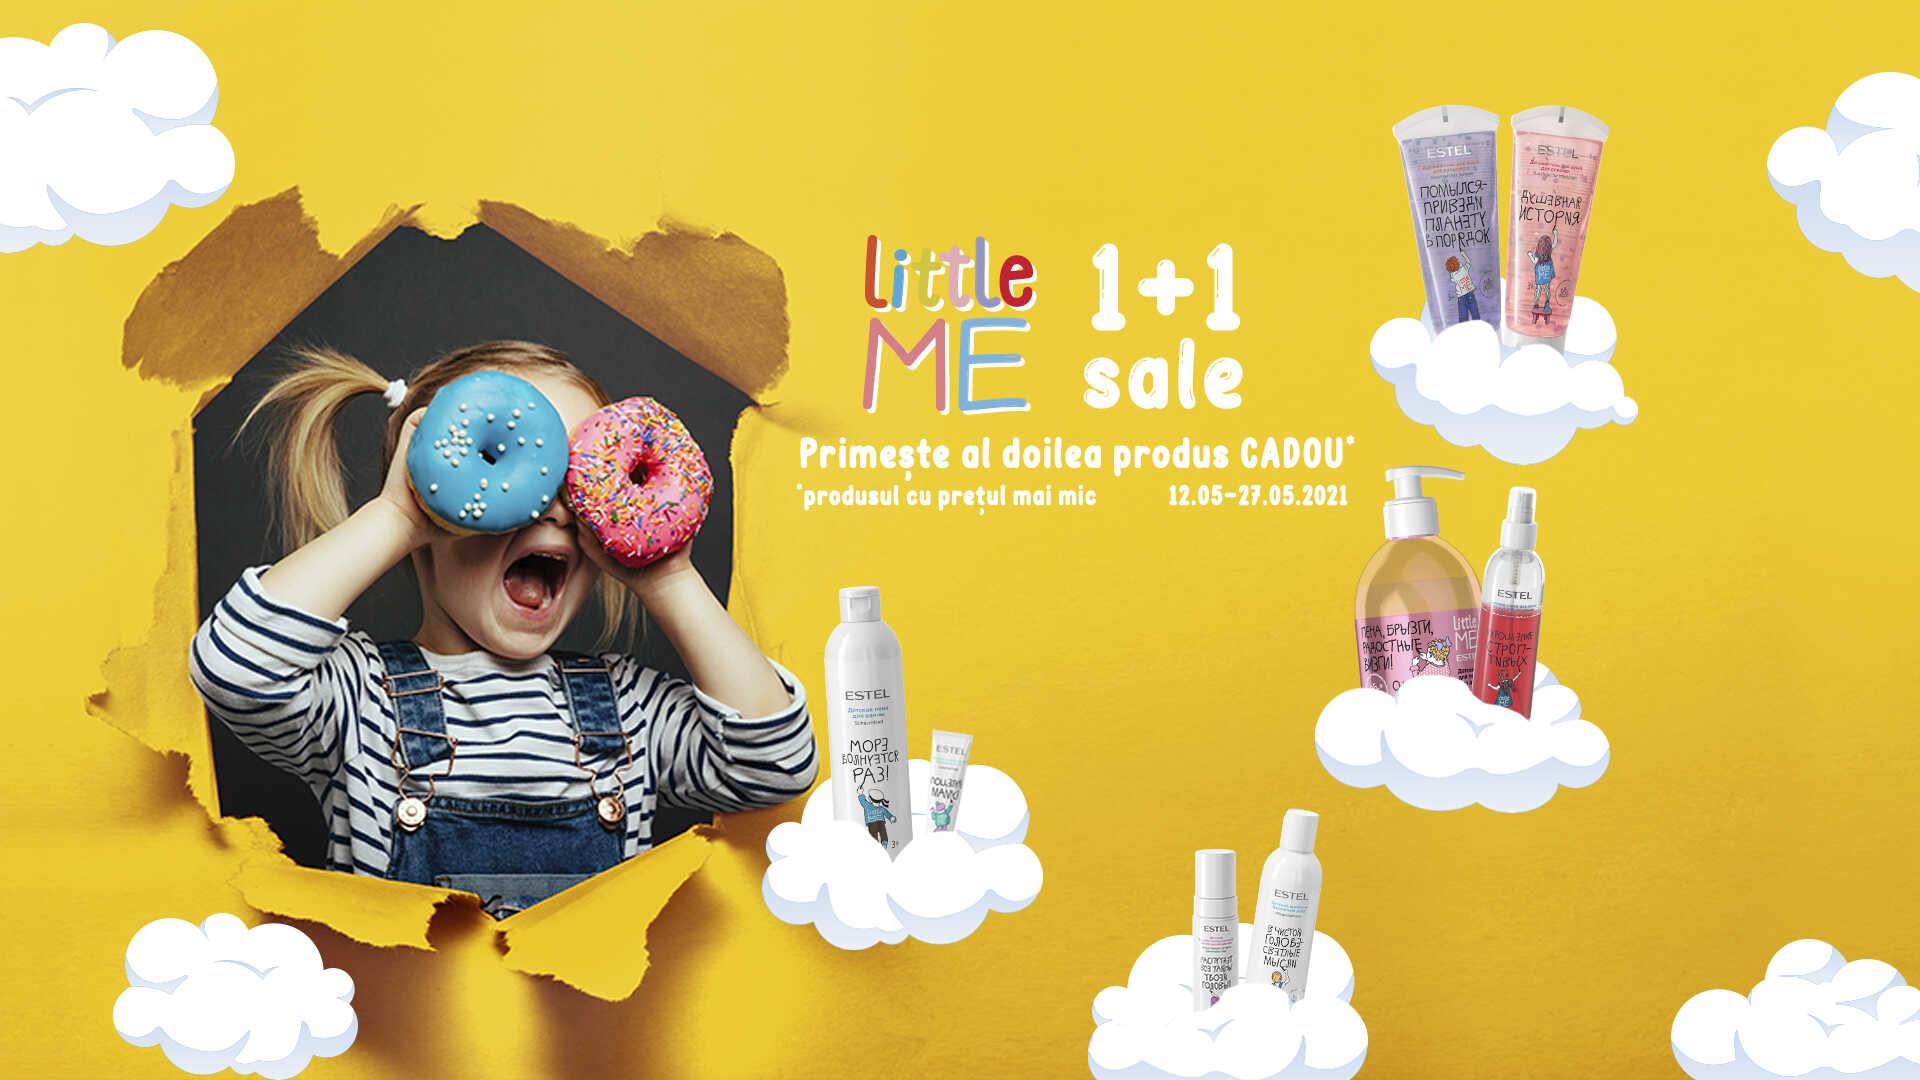 Little ME 1+1